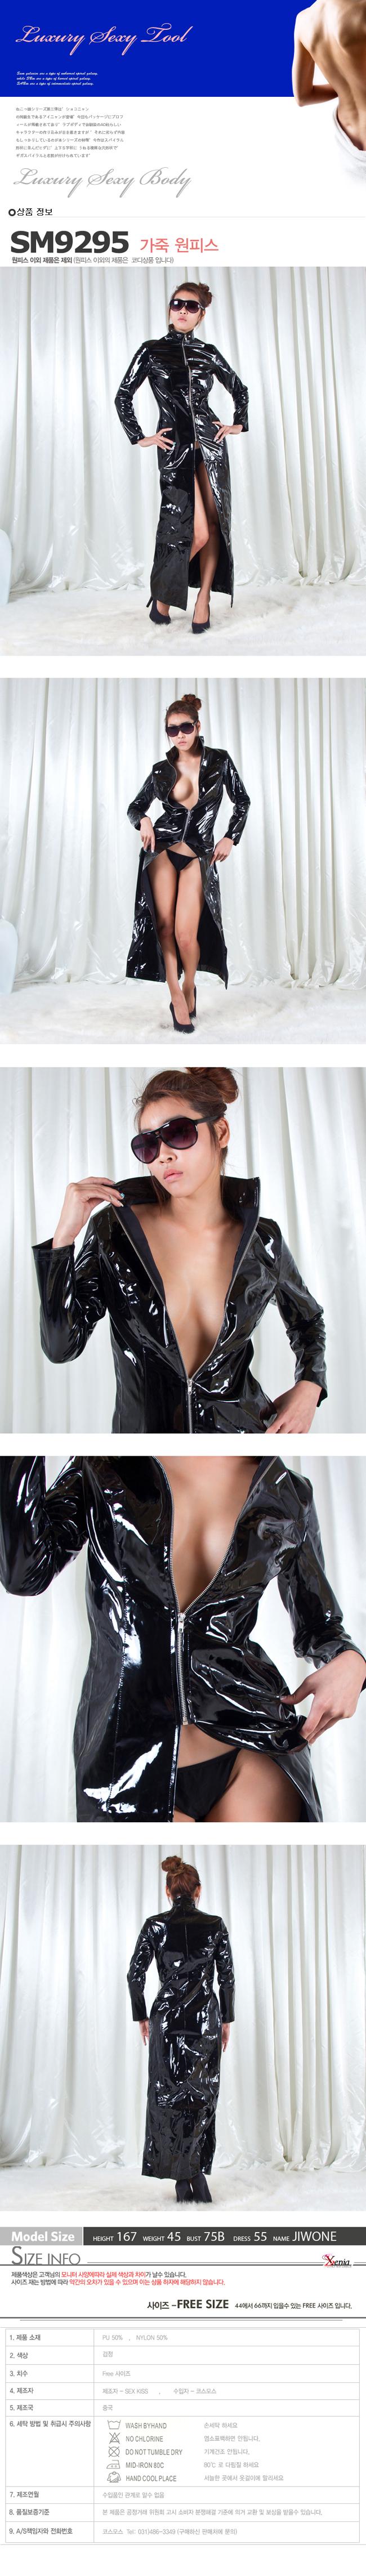 [Luxury] sm9295(sm wear)